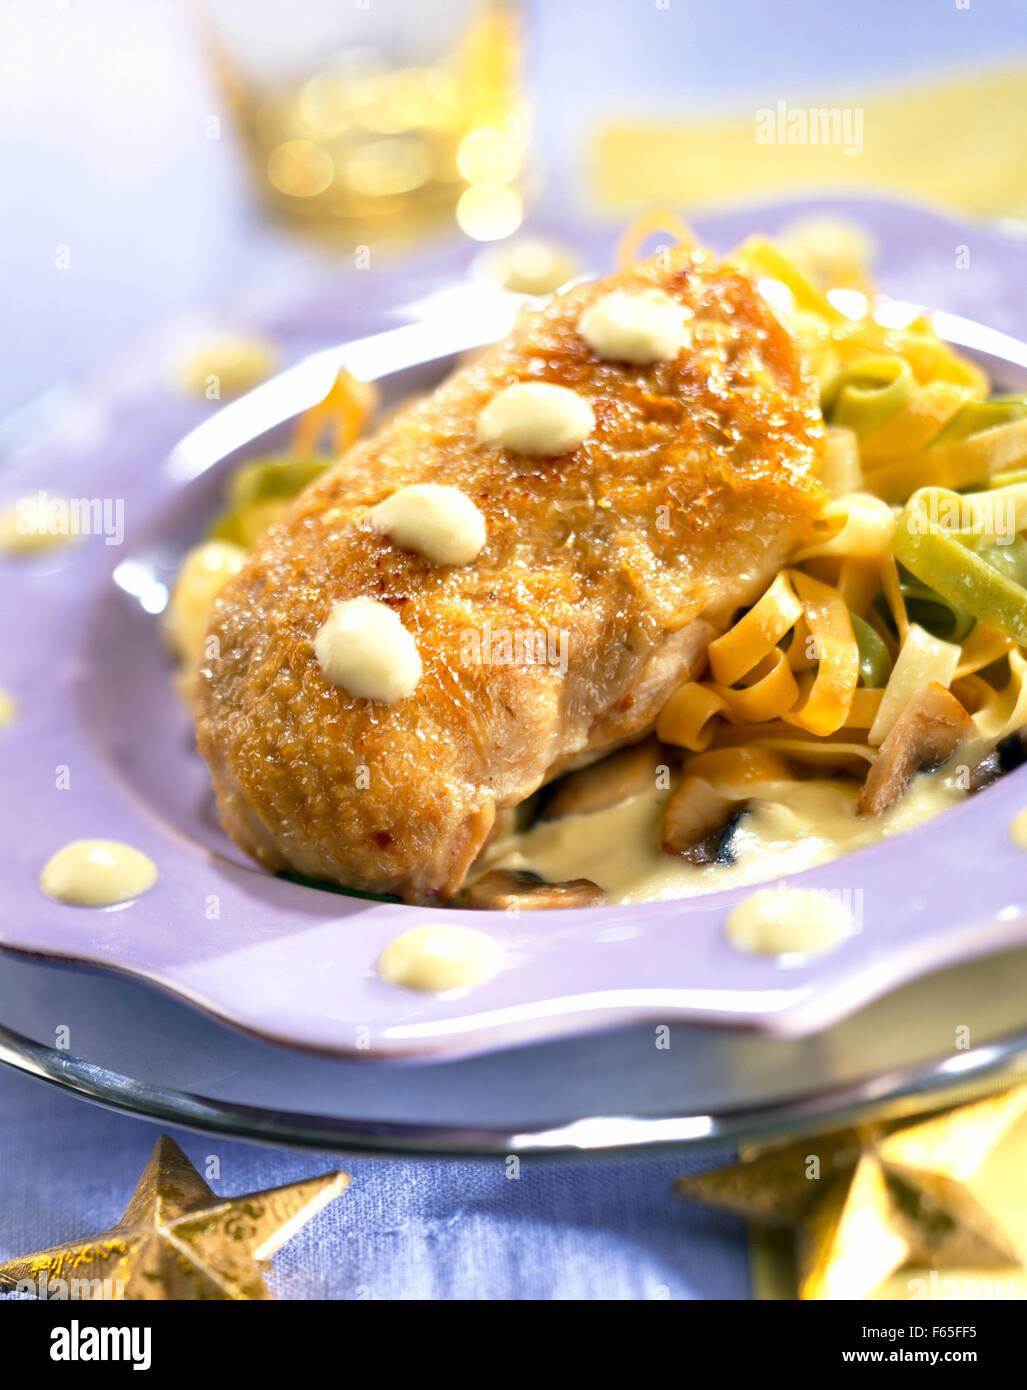 Poitrine de poulet avec sauce à la crème et tagliatelles Banque D'Images